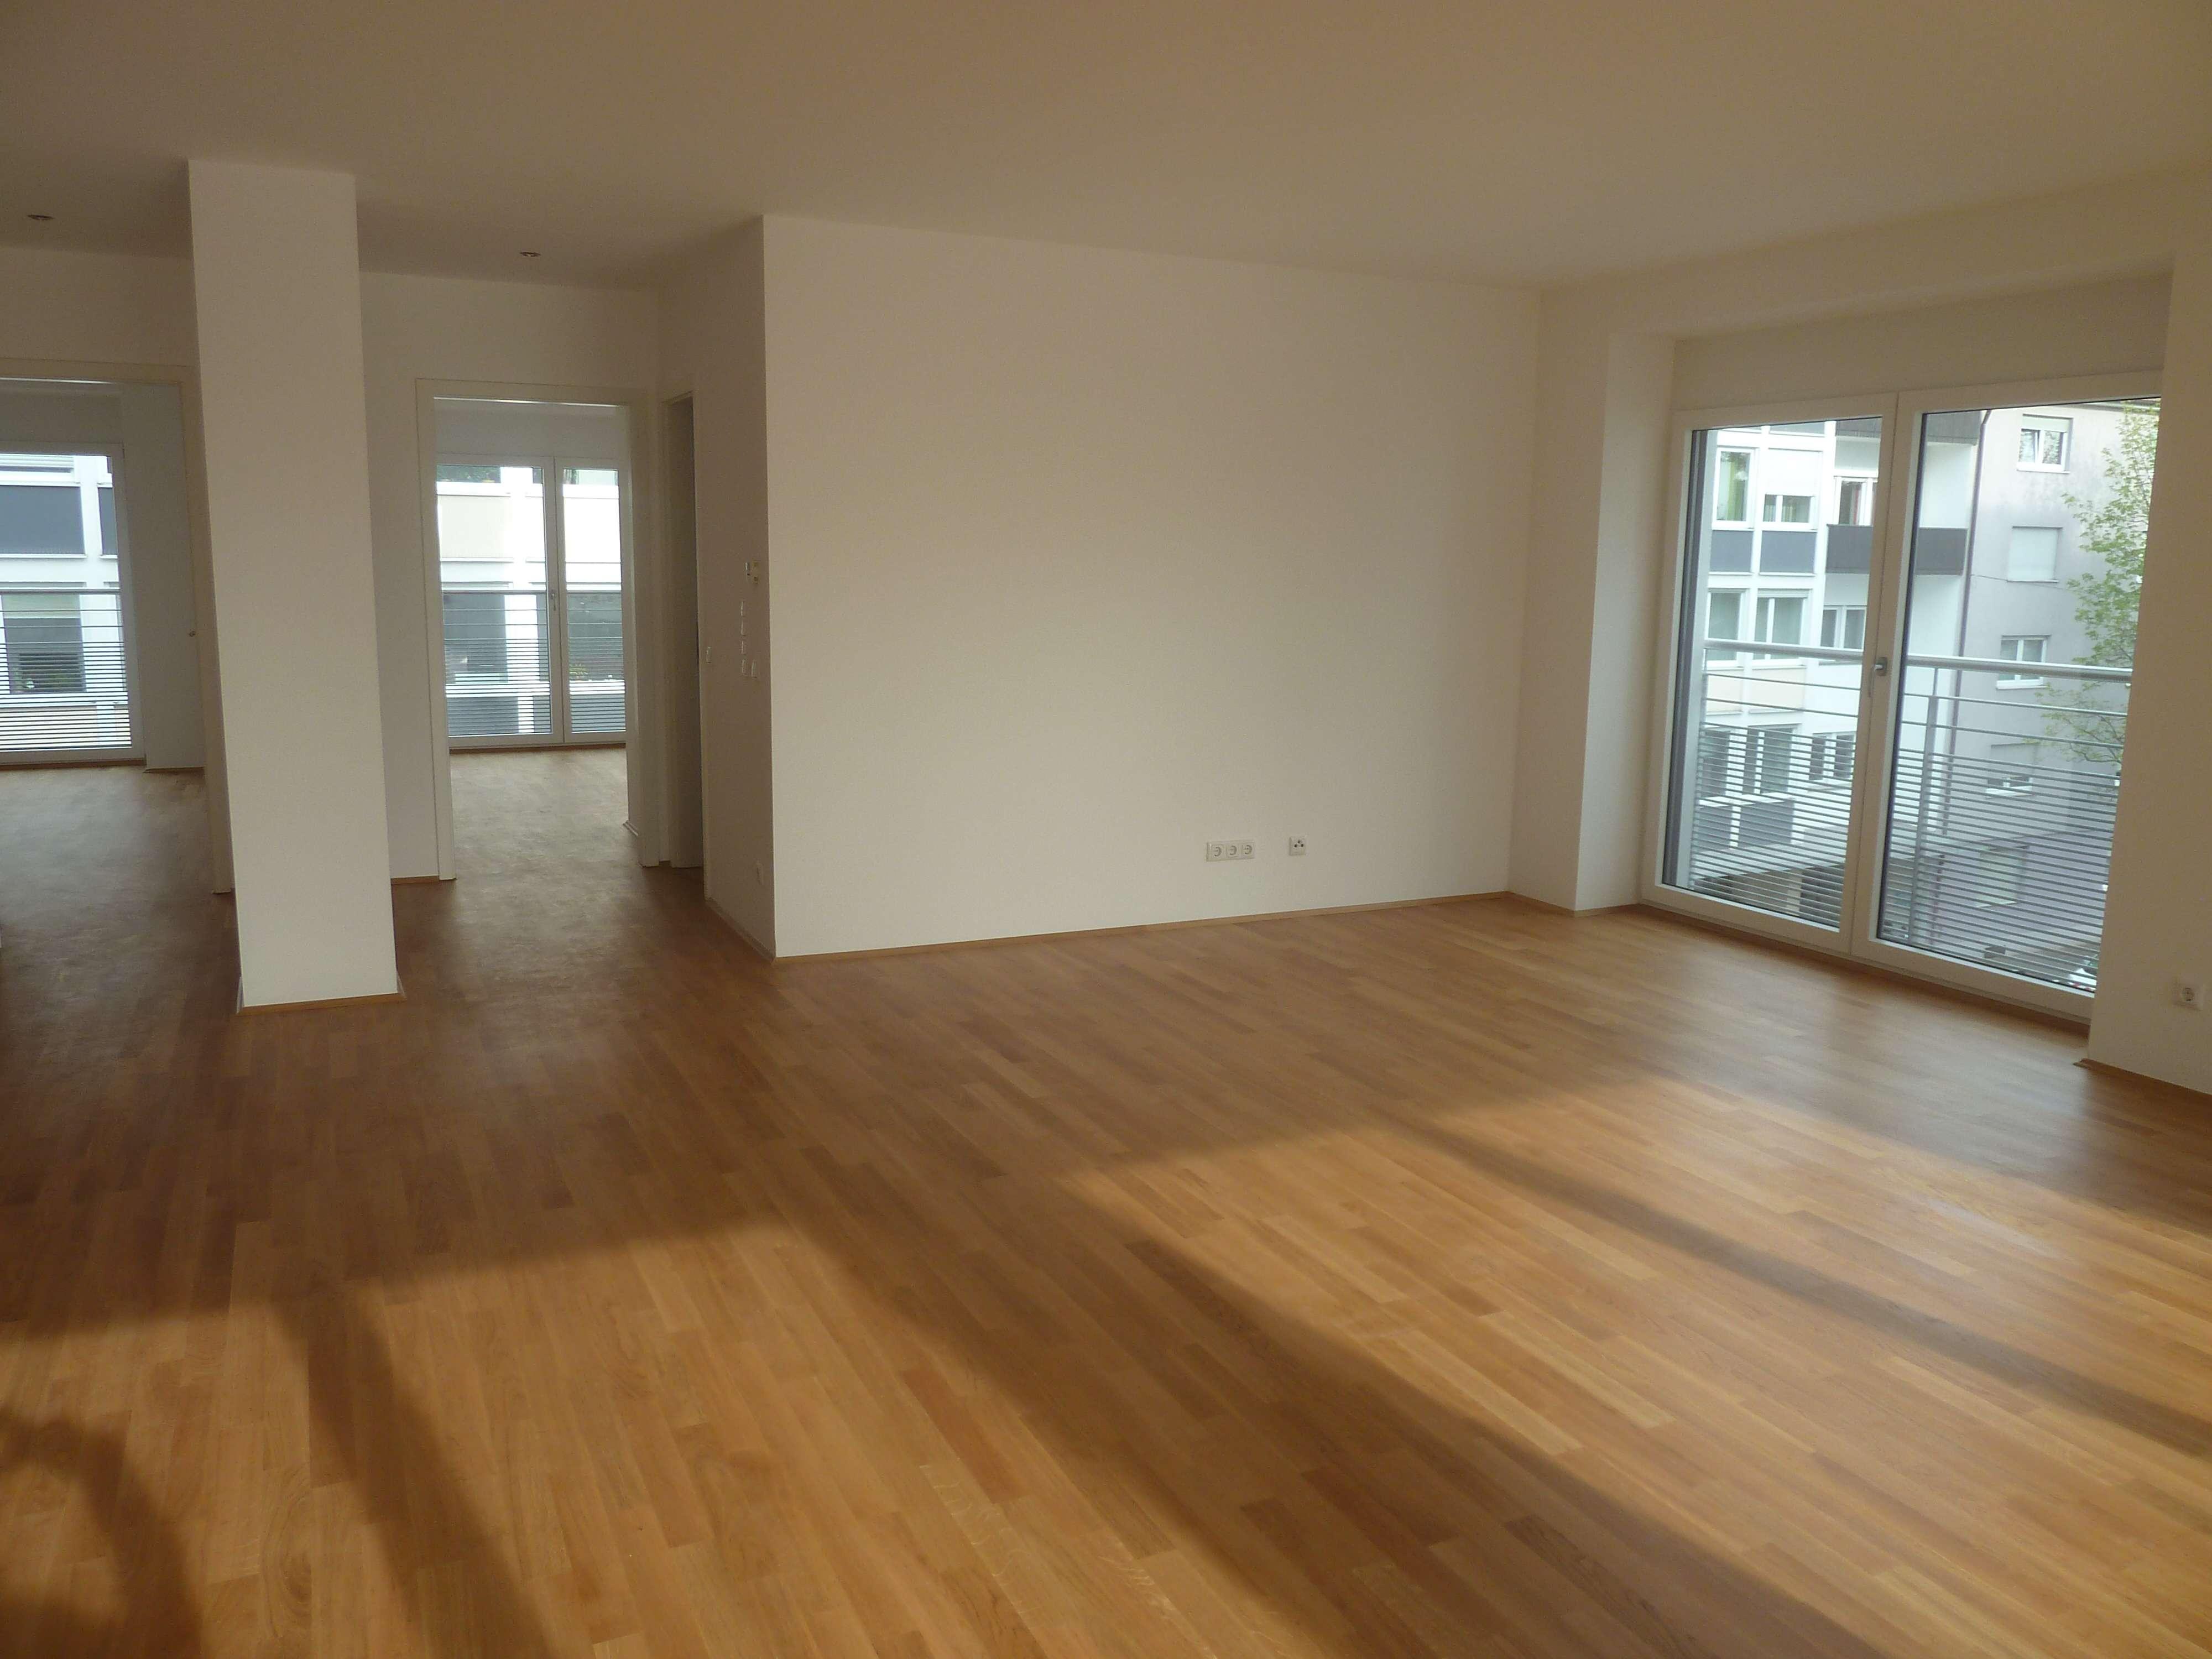 Schöne 3-Zimmer-Wohnung mit Balkon u. EBK in Bahnhofsnähe